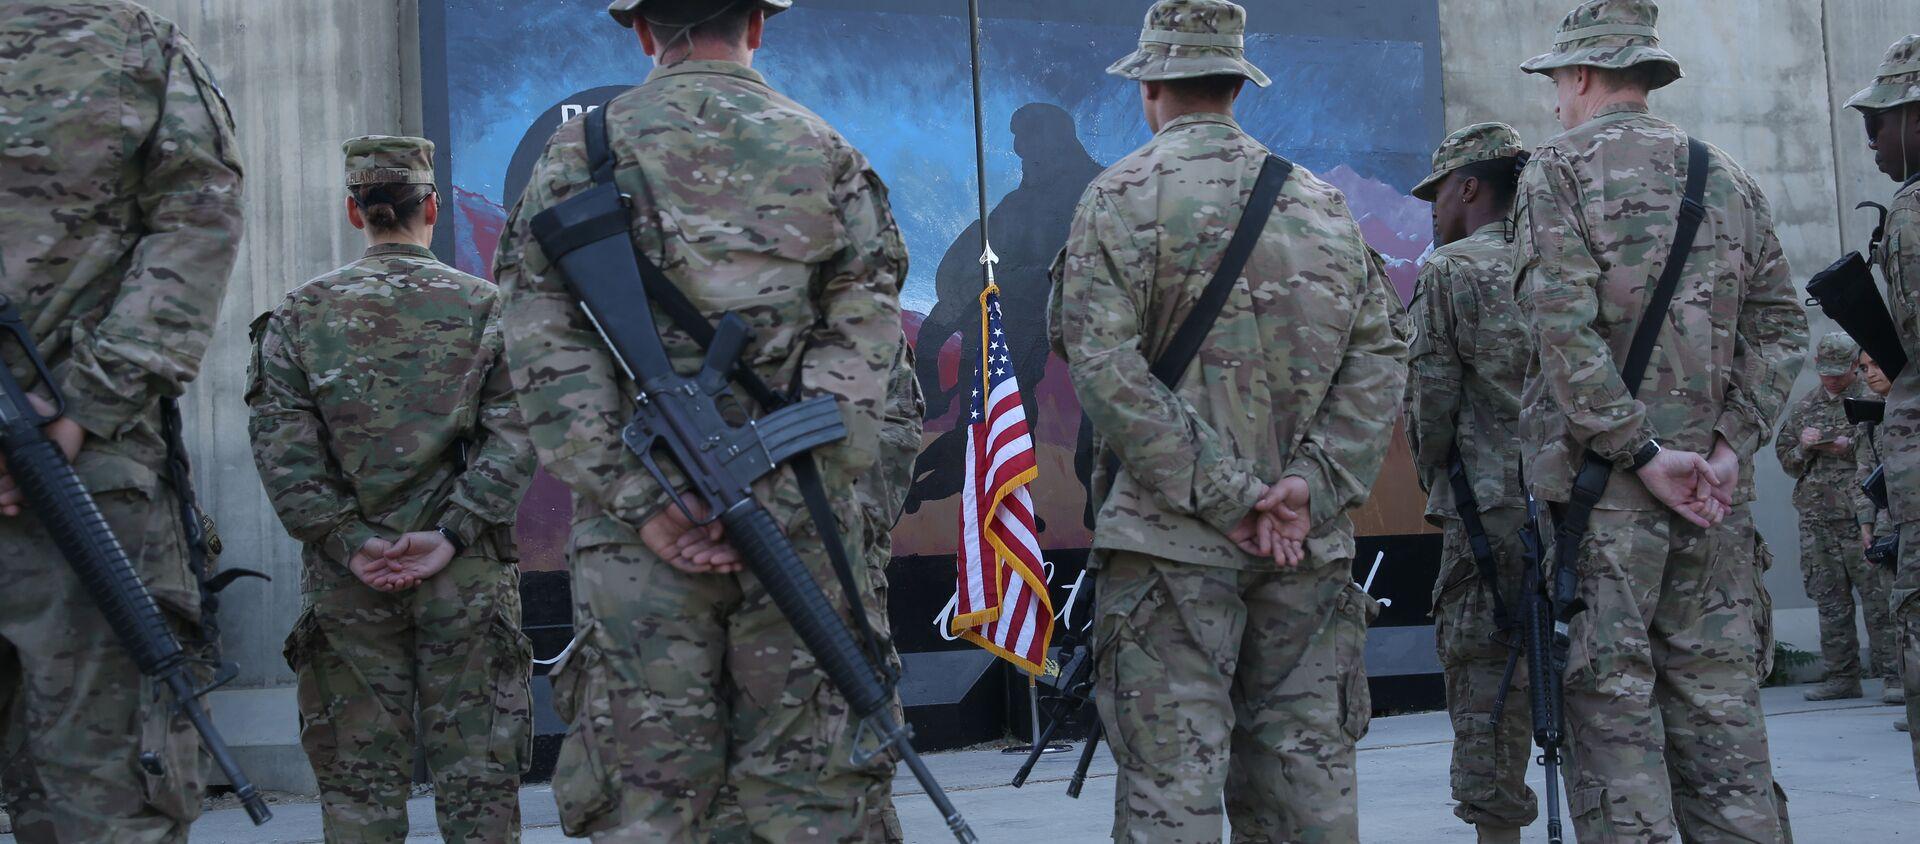 Des membres des services américains se tiennent devant un drapeau américain lors d'une cérémonie à l'occasion du treizième anniversaire des attaques terroristes du 11 septembre 2001 devant le mémorial du World Trade Center à l'aérodrome de Bagram, en Afghanistan, jeudi 11 septembre 2014. - Sputnik France, 1920, 16.08.2021